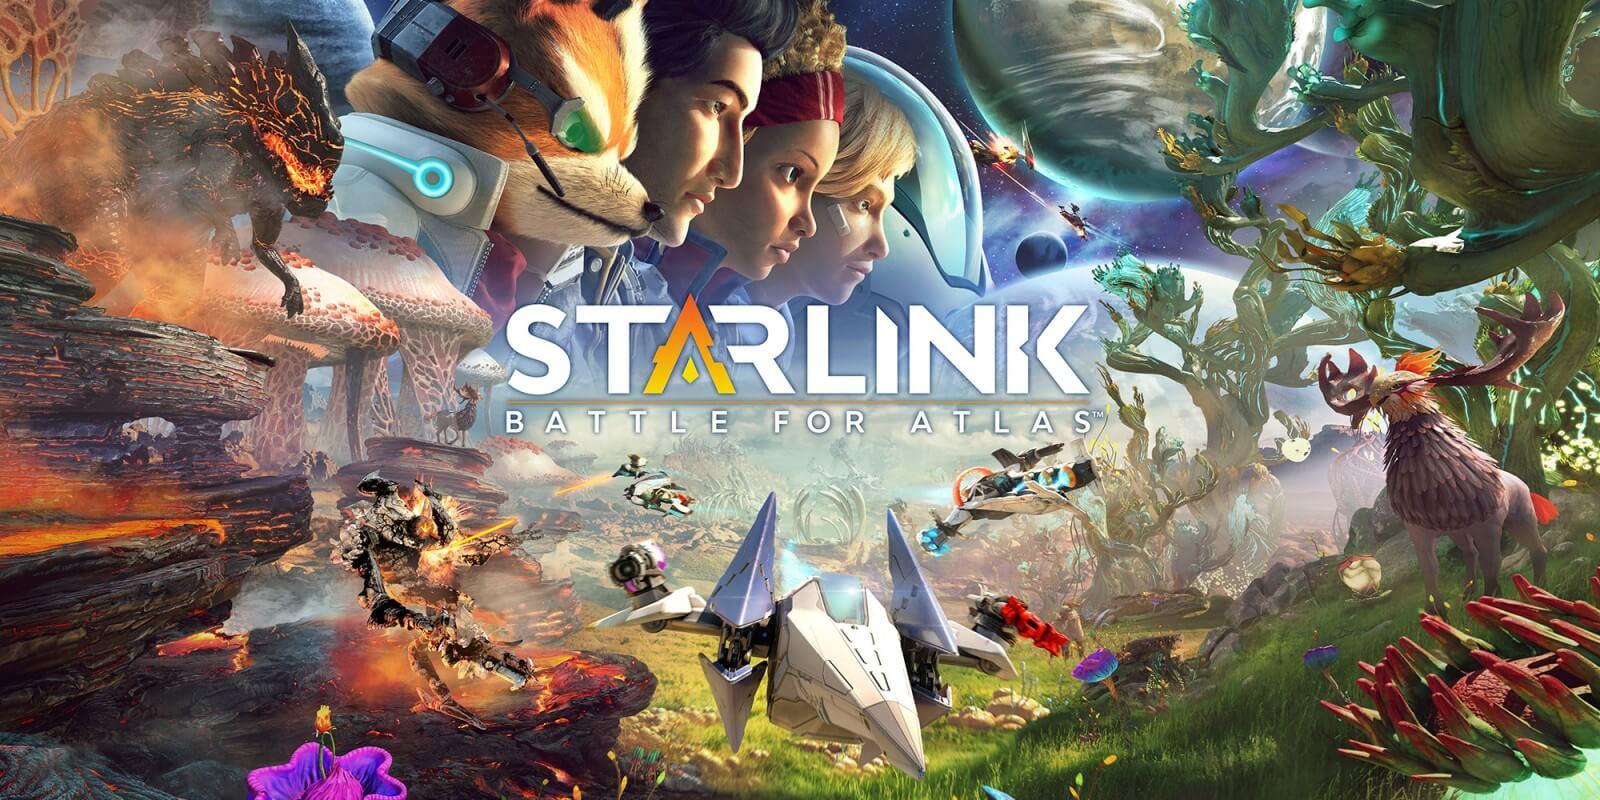 Análise: Starlink: Battle for Atlas cumpre bem sua proposta, trazendo uma aventura relaxante e deliciosa